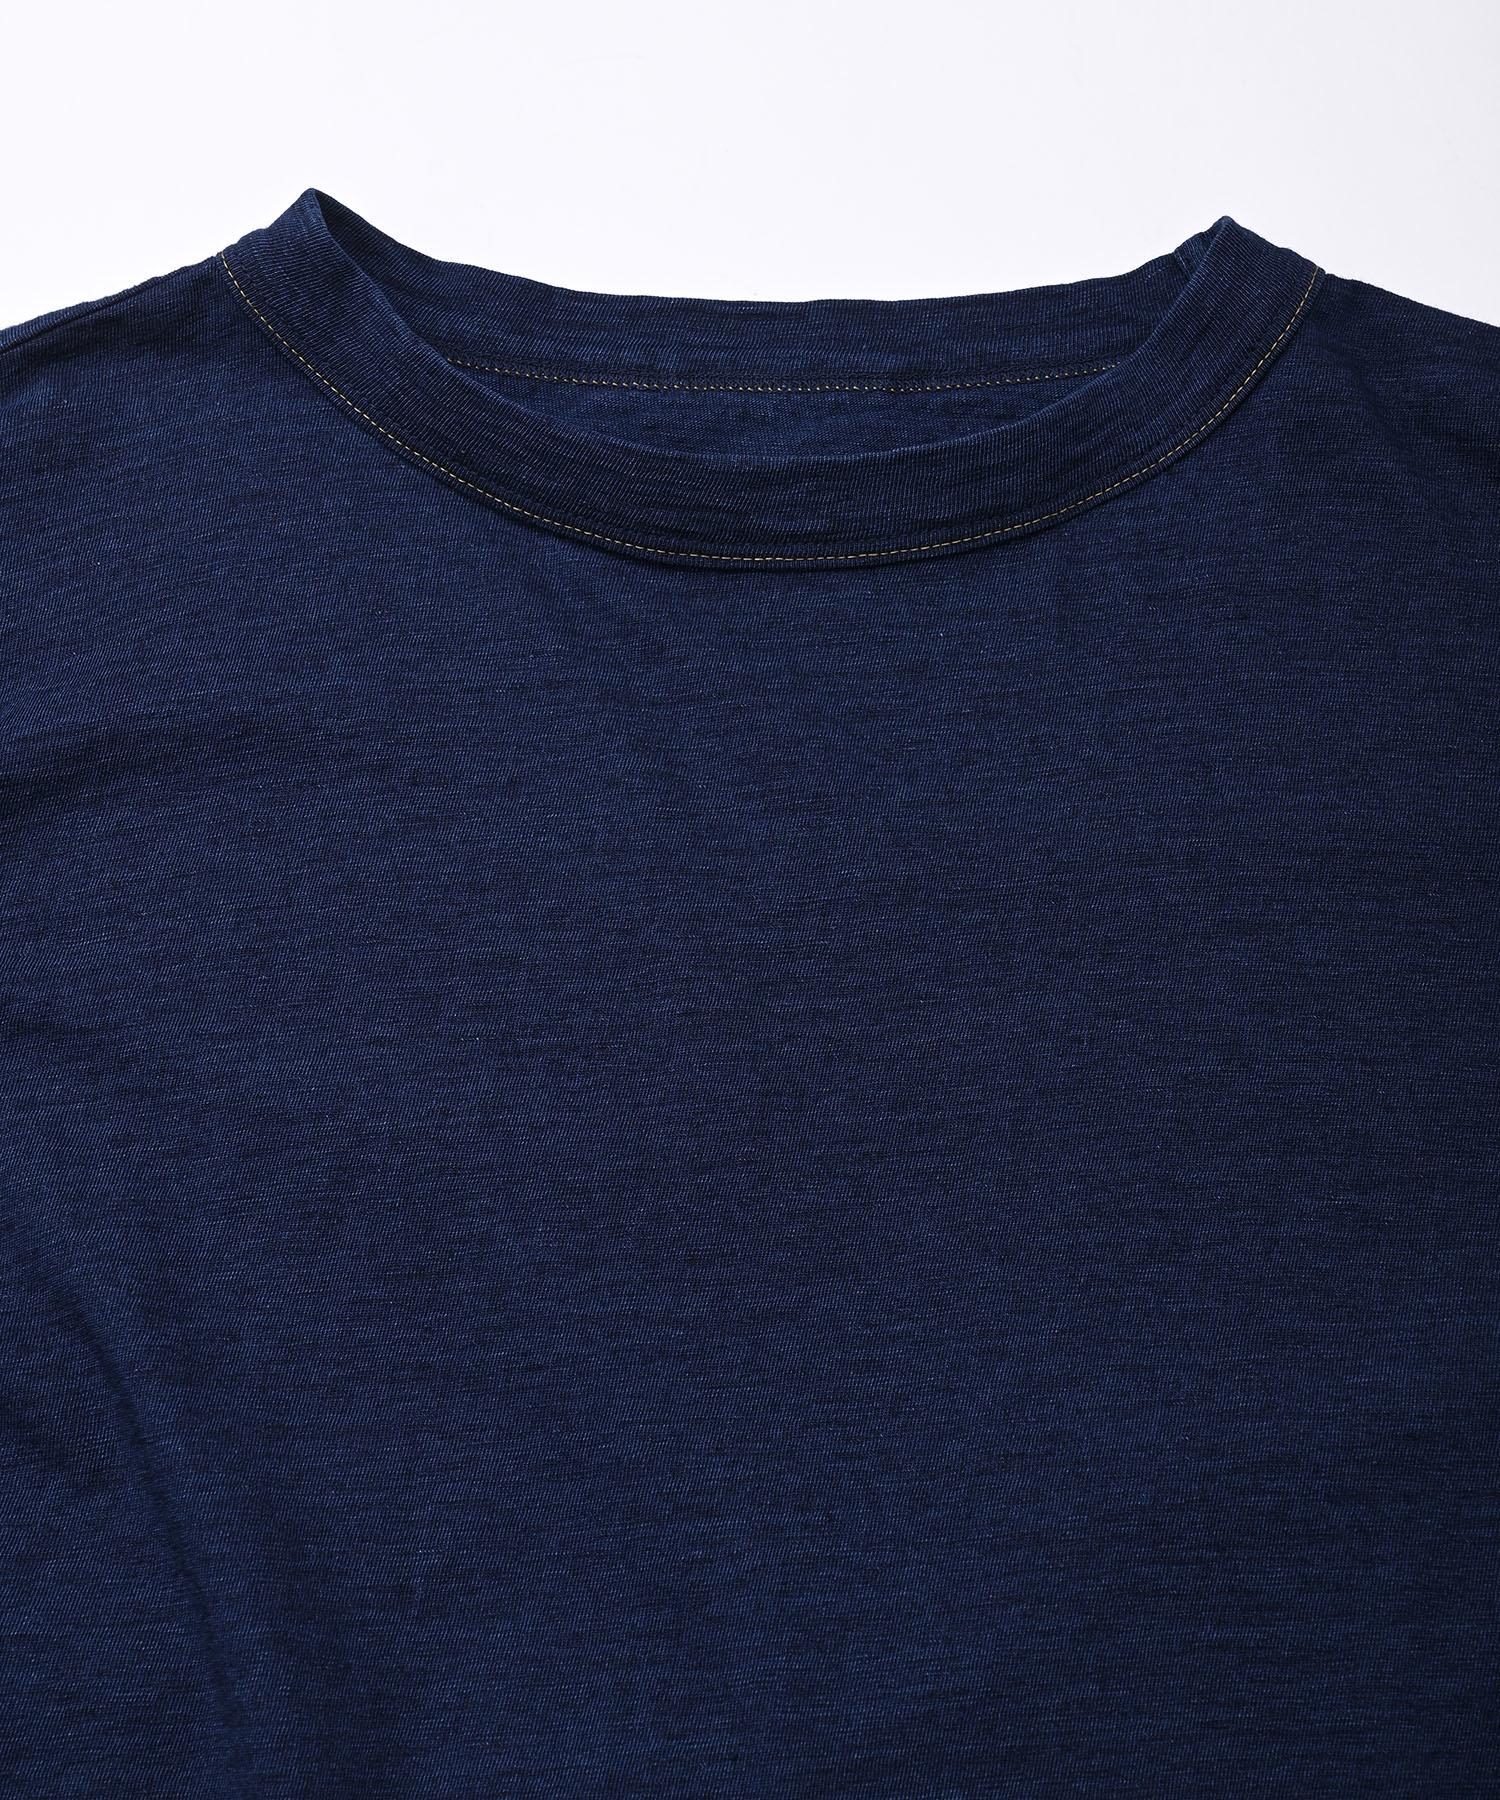 Indigo Zimbabwe Cotton Umahiko Dress (0421)-7